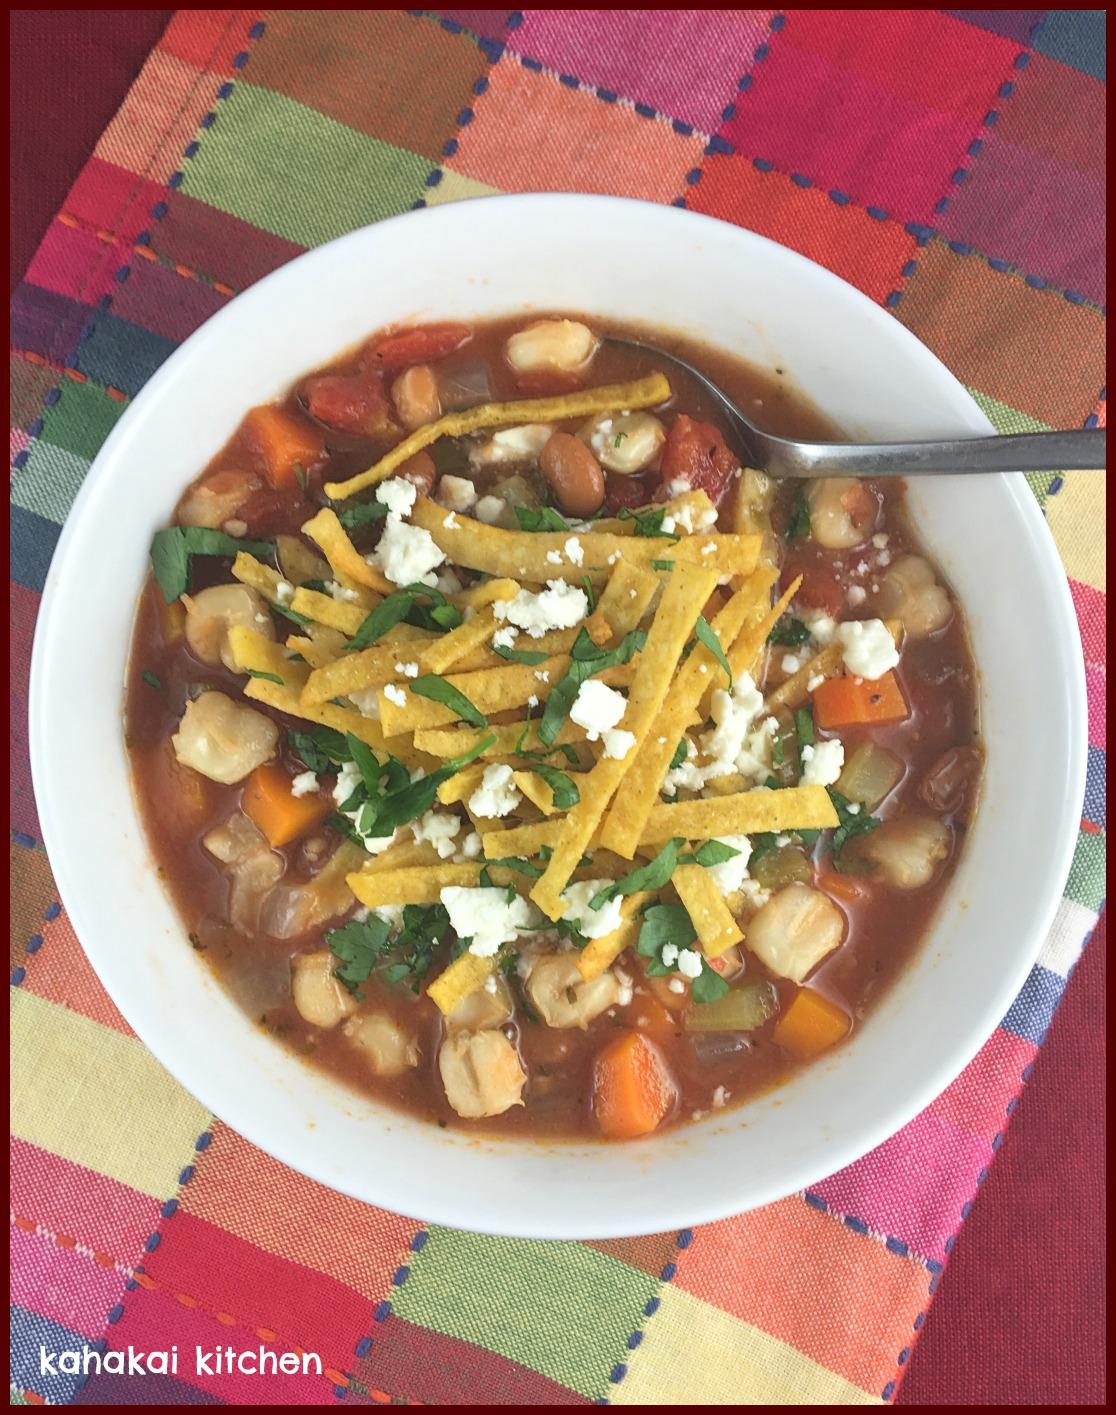 Ina Garten Soup Kahakai Kitchen Mexican Hominy & Bean Tortilla Soup A Variation